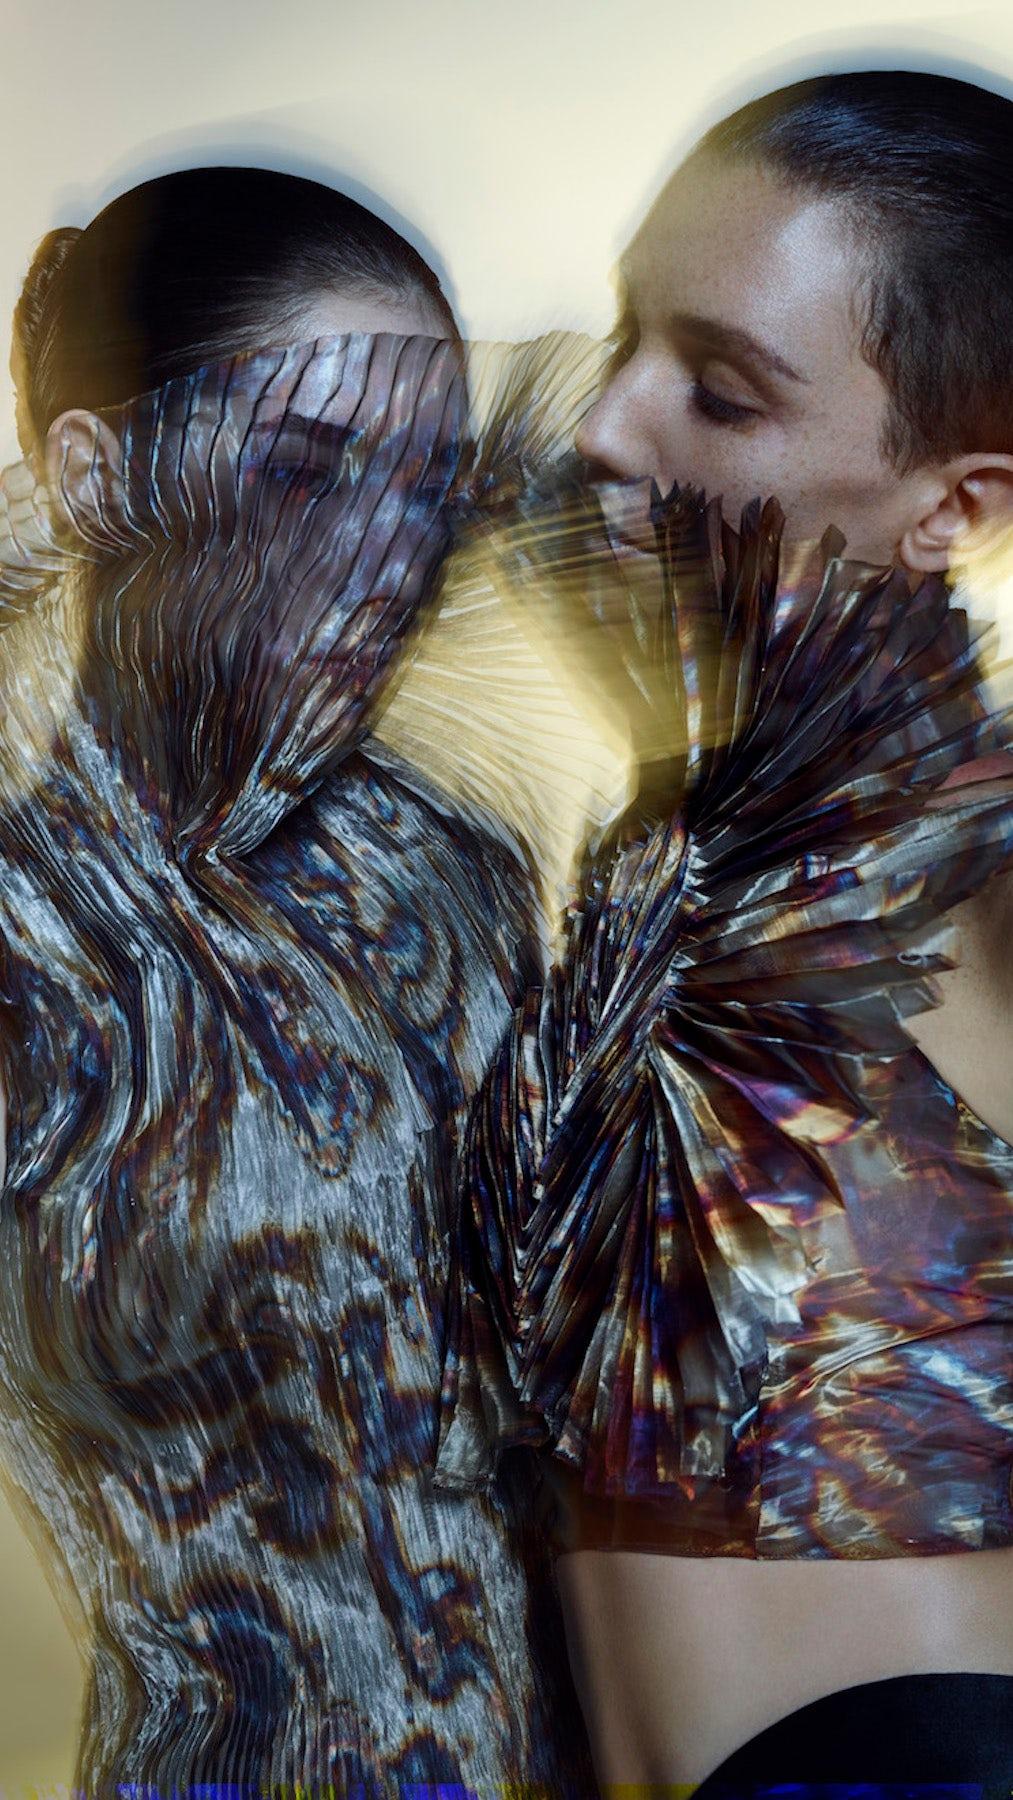 Iris van Herpen A/W 2015 | Photo: Warren Du Preez and Nick Thornton Jones